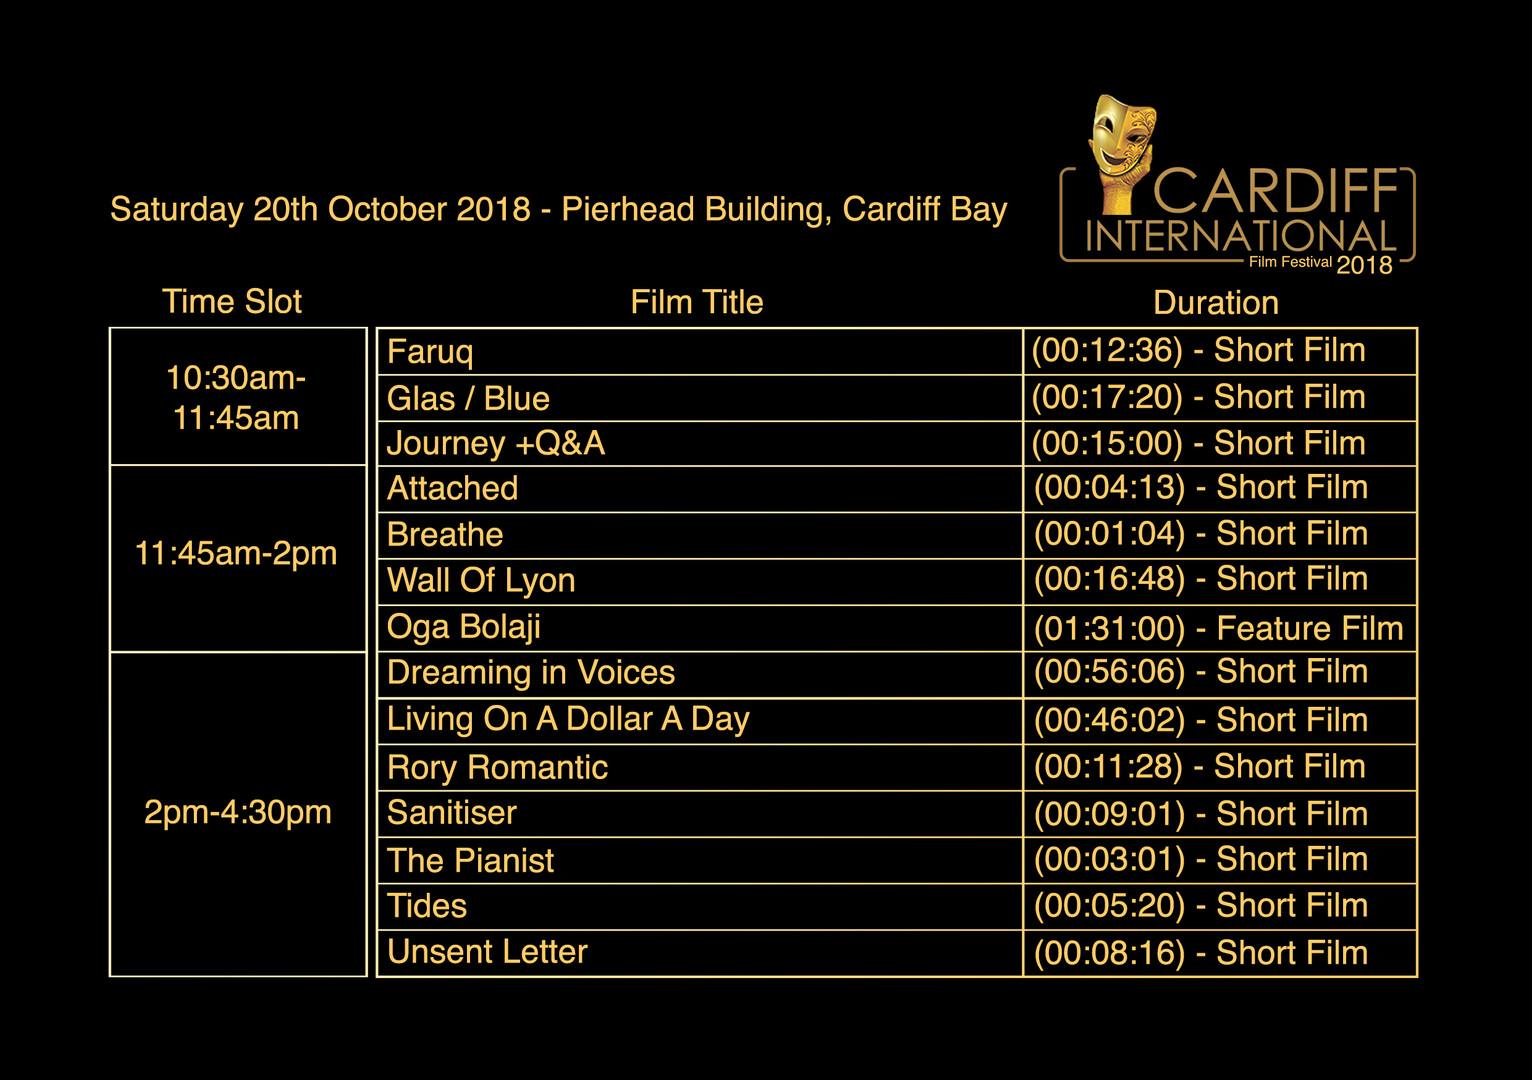 Saturday 20th October - Pierhead Building